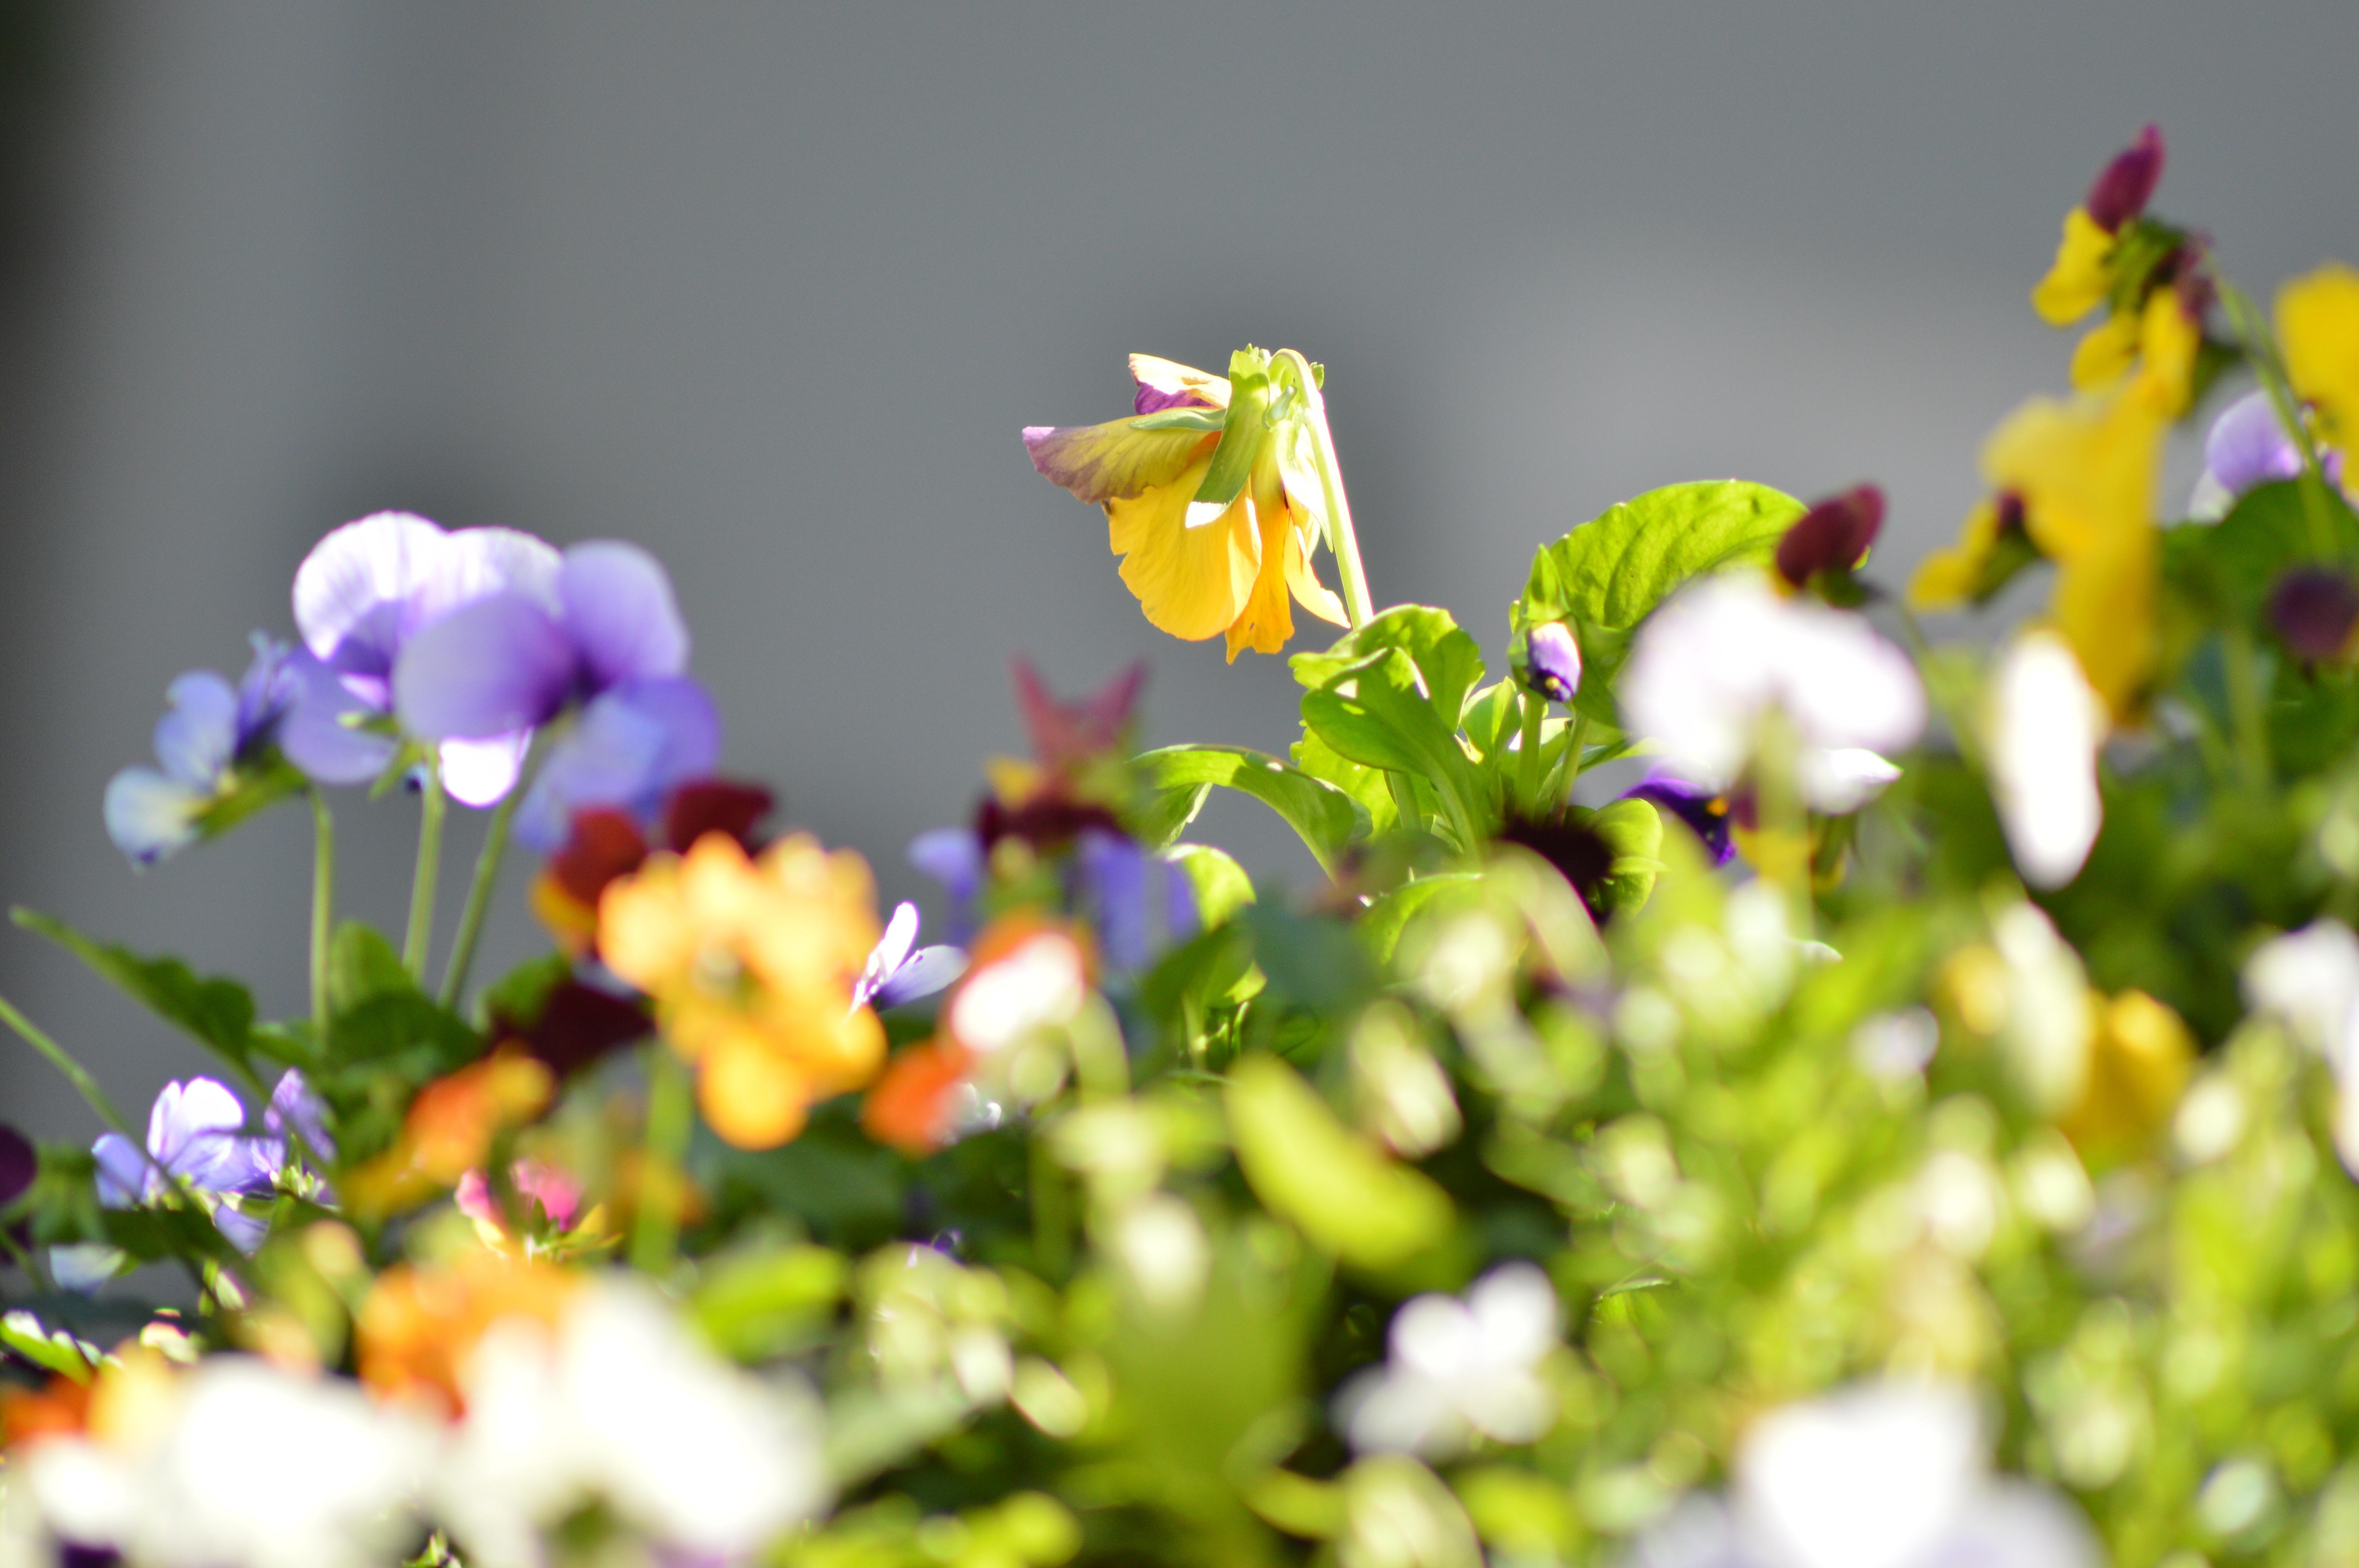 Natur blühen Pflanze Wiese Sonnenlicht Blatt Blume Blütenblatt Grün Botanik Gelb Flora Wildblume Nahansicht Makrofotografie blühende